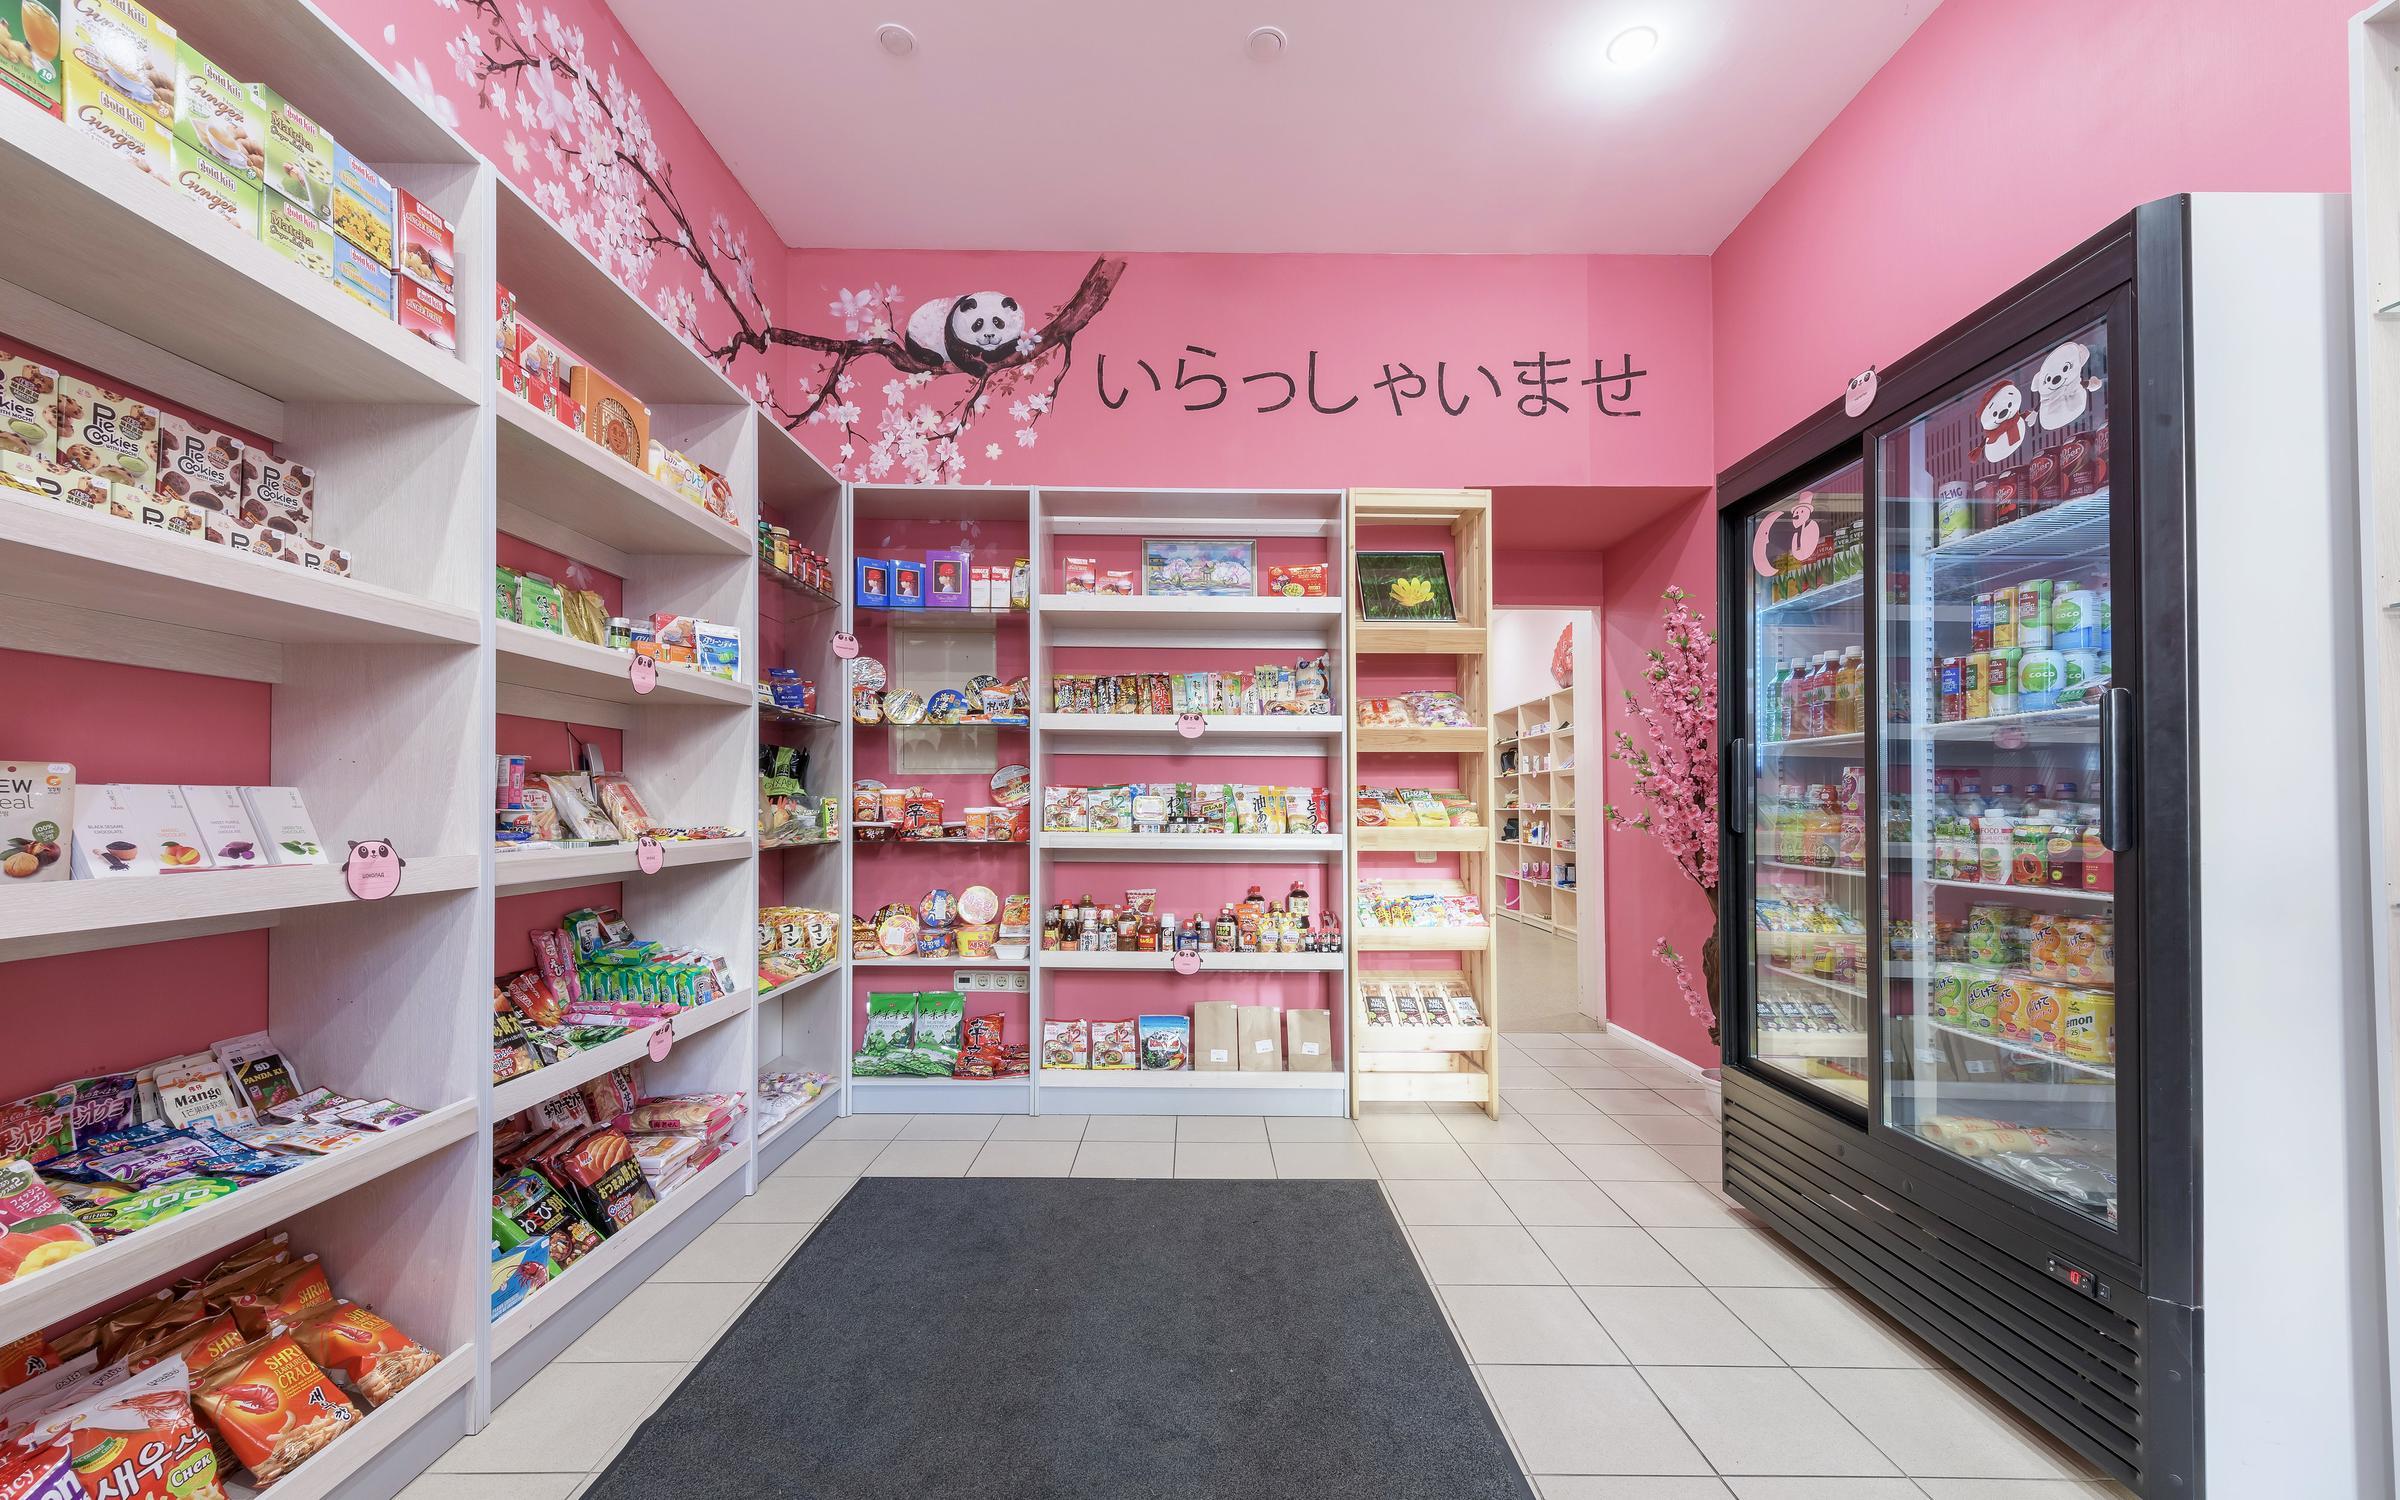 фотография Японского супермаркета Ниппон на Фурштатской улице